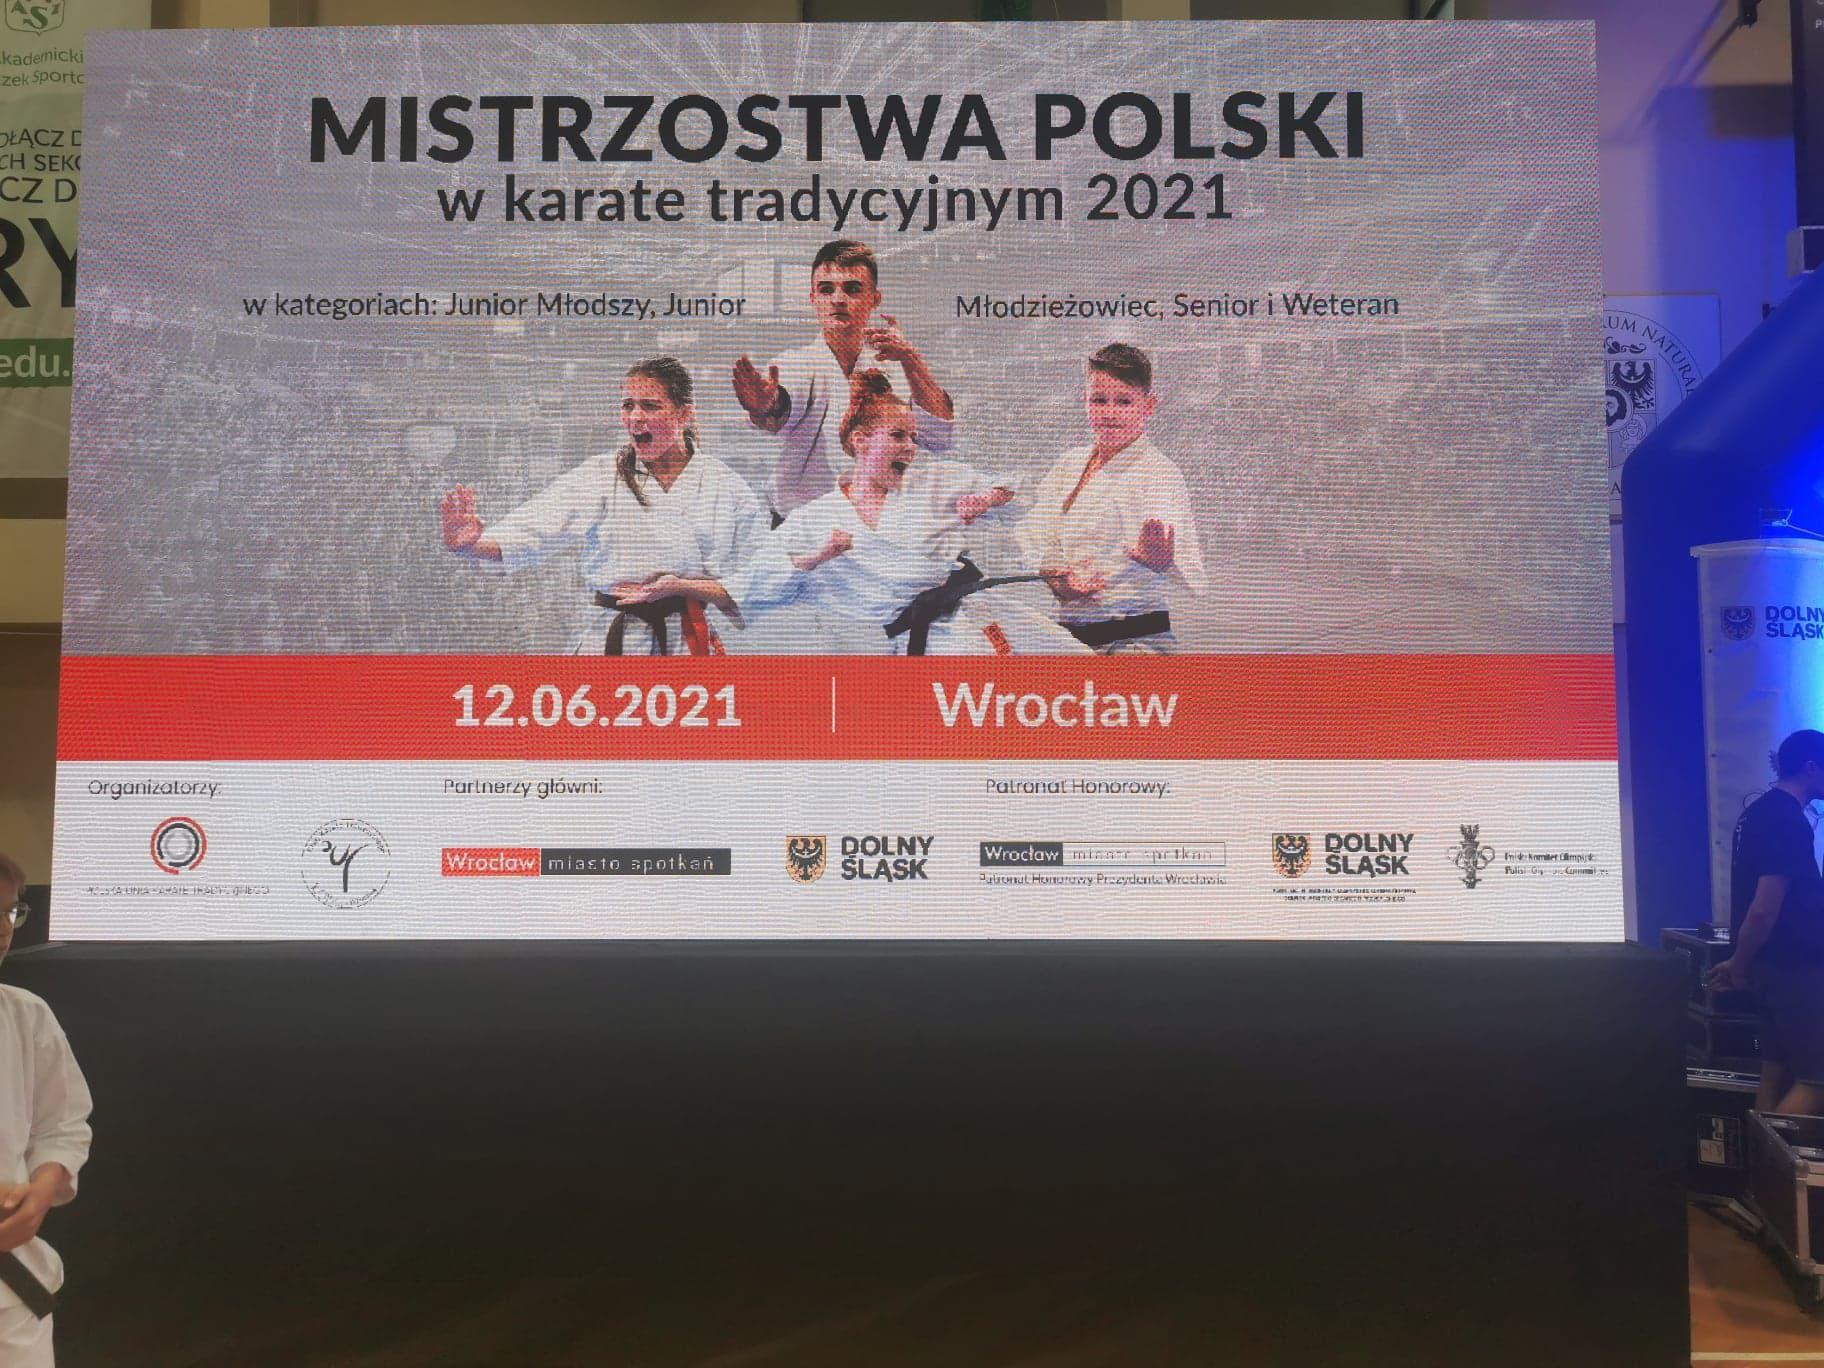 mp wroclaw 2 Karatecy Zamojskiego Klubu Karate Tradycyjnego w Zamościu na podium Mistrzostw Polski! [ZDJĘCIA]